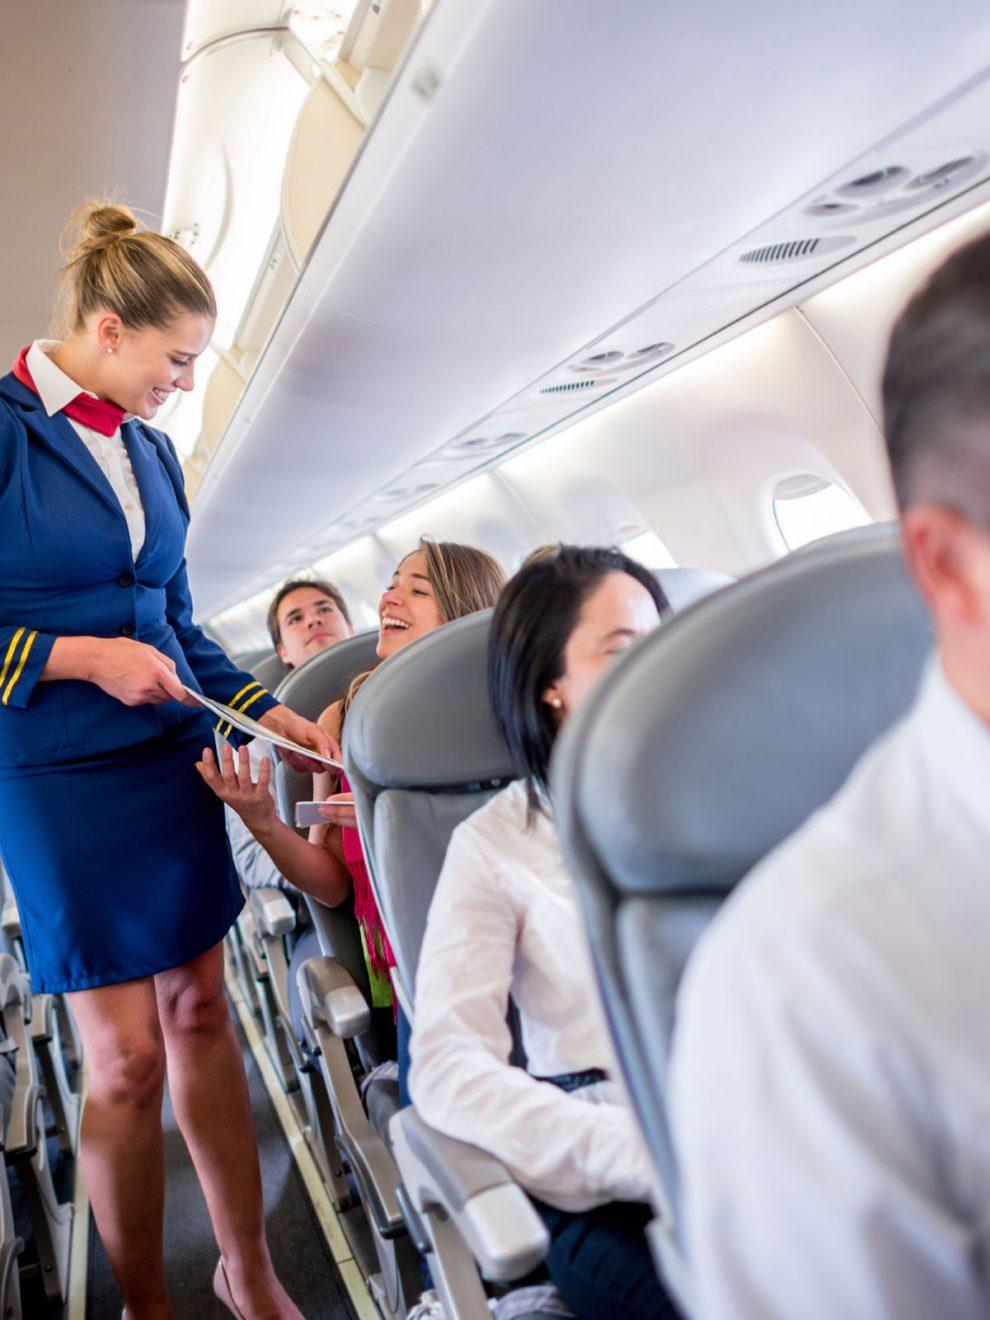 OStjuardese otkrivaju šest načina da dobijete bolju uslugu u avionu